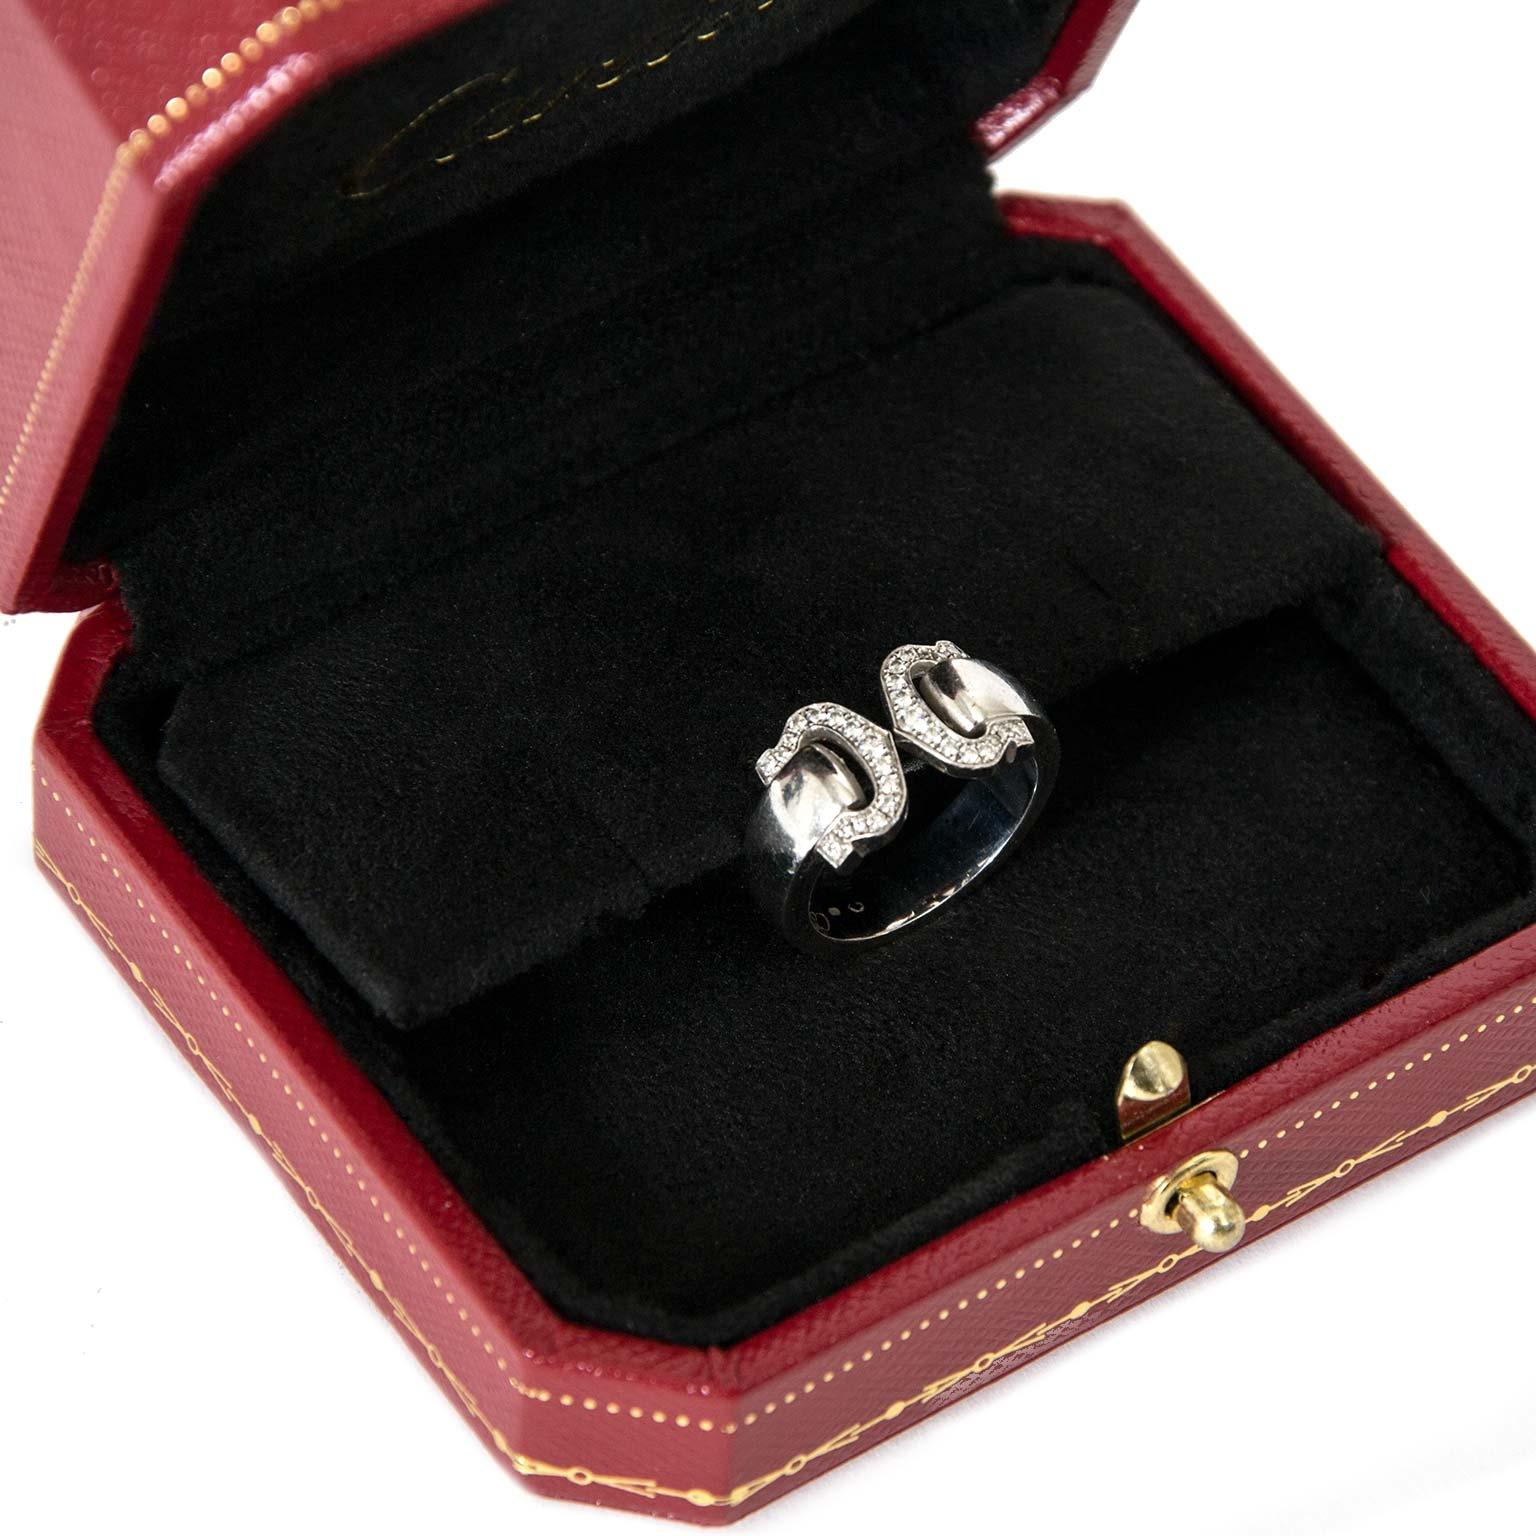 achetez  Cartier 18k White gold Double C Diamond Ring - Size 51 chez labellov pour le meilleur prix